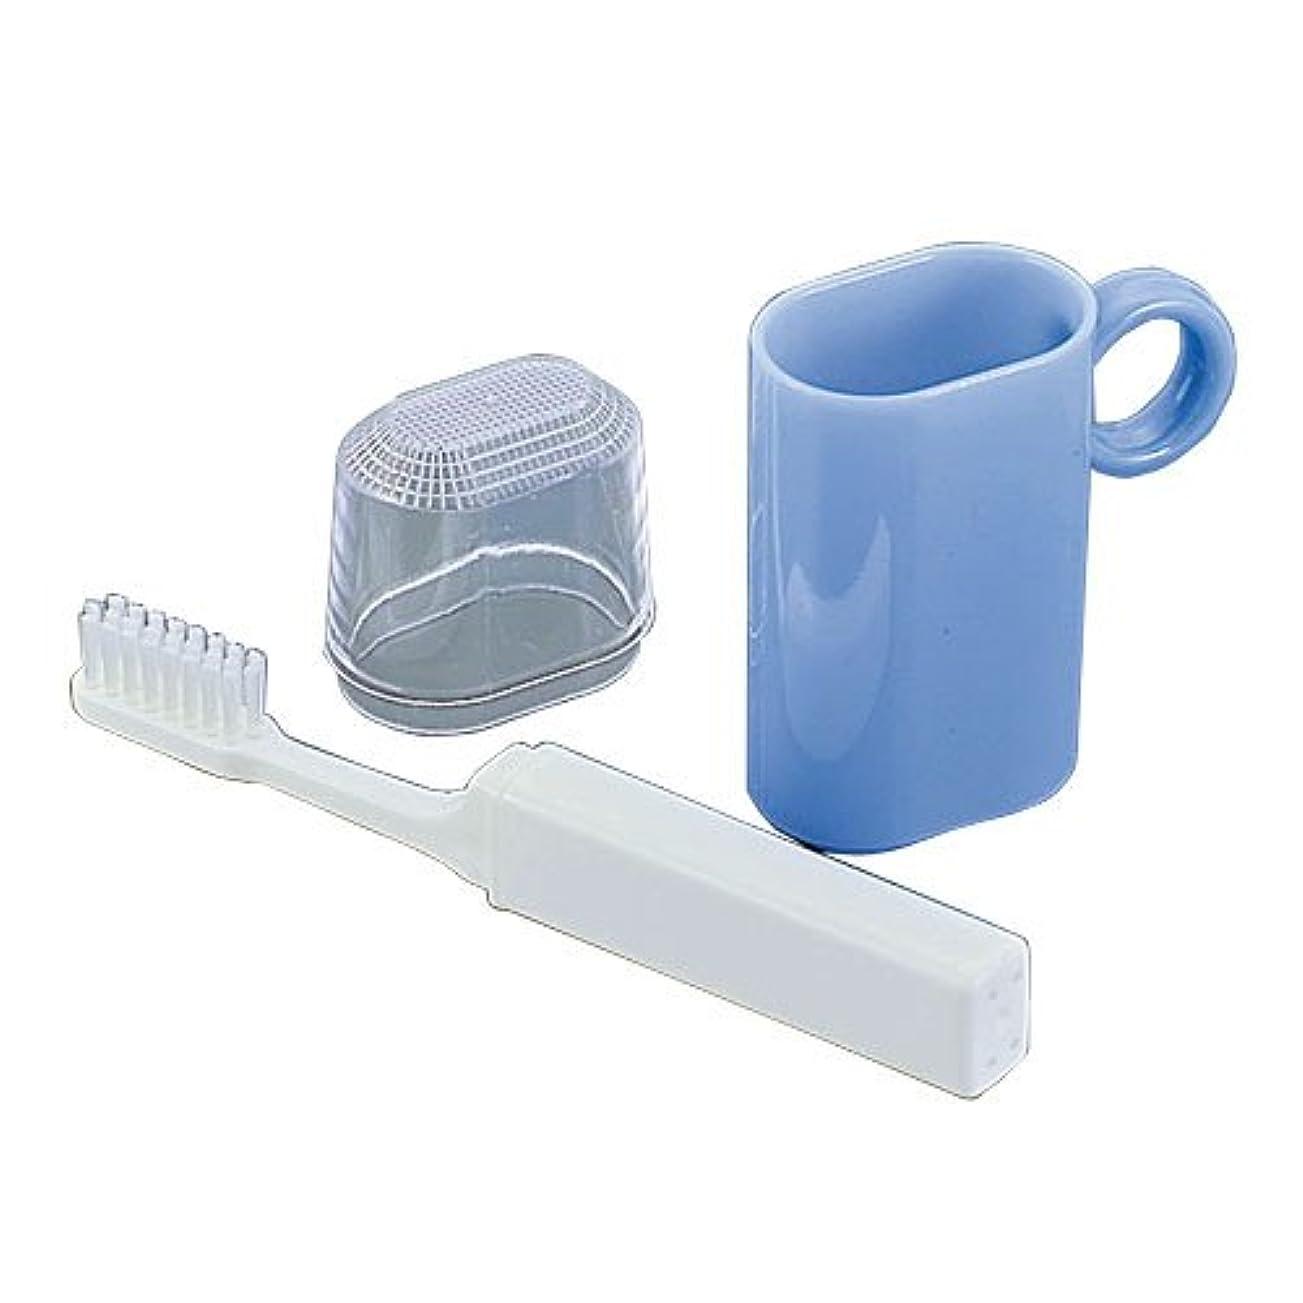 コミュニケーションぼろ苦痛コップ付歯ブラシセット ブルー